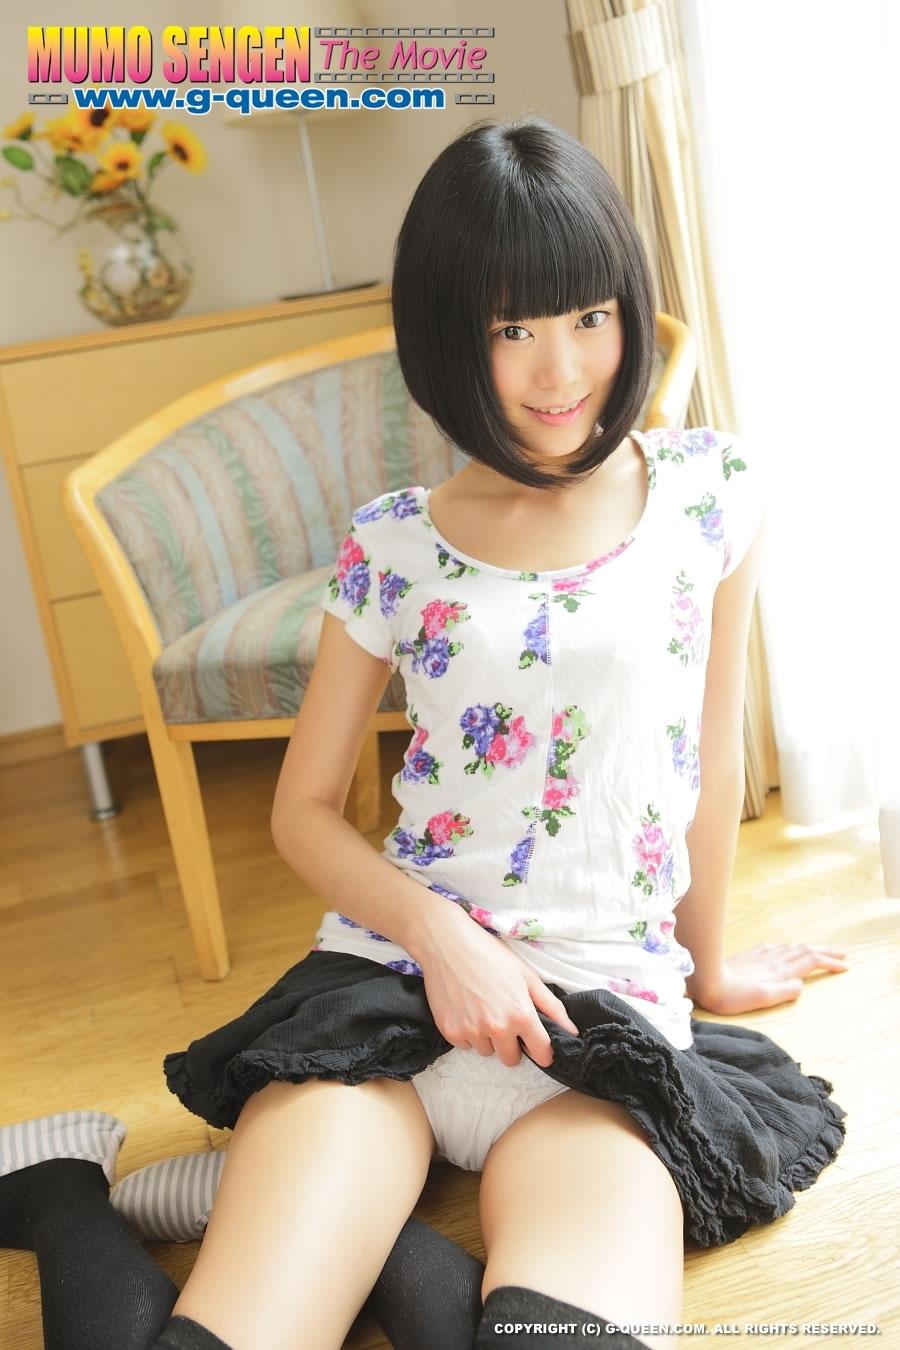 Японки киски картинка 17 фотография